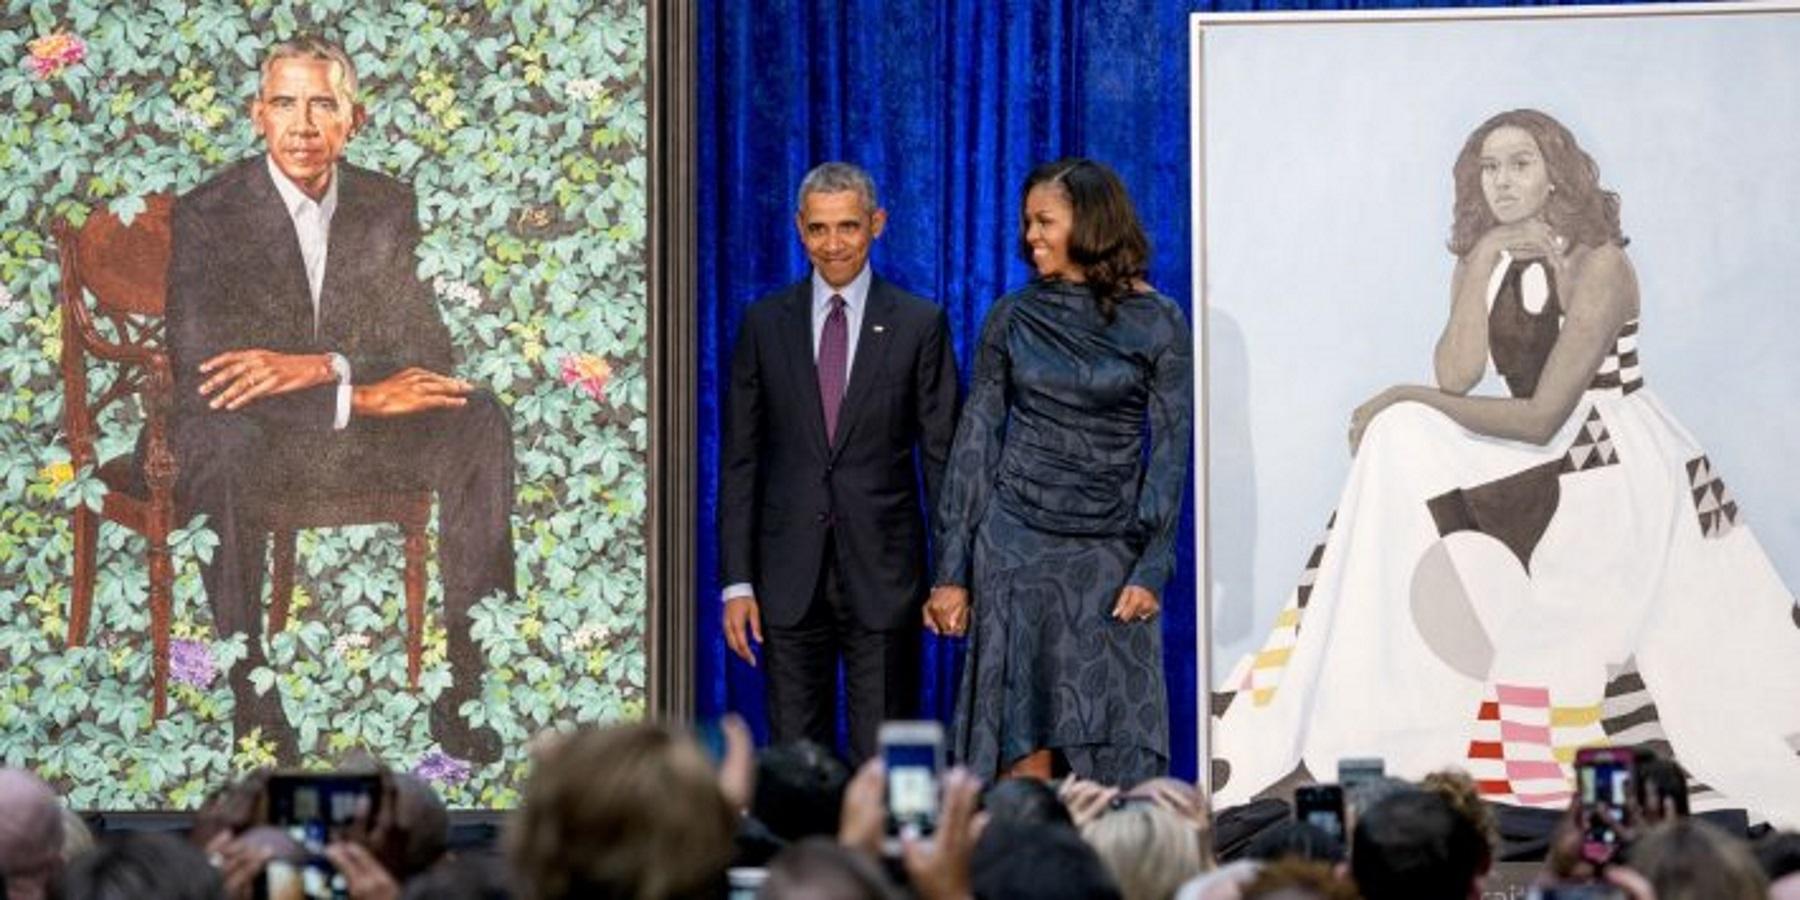 Obamas next to their portraits